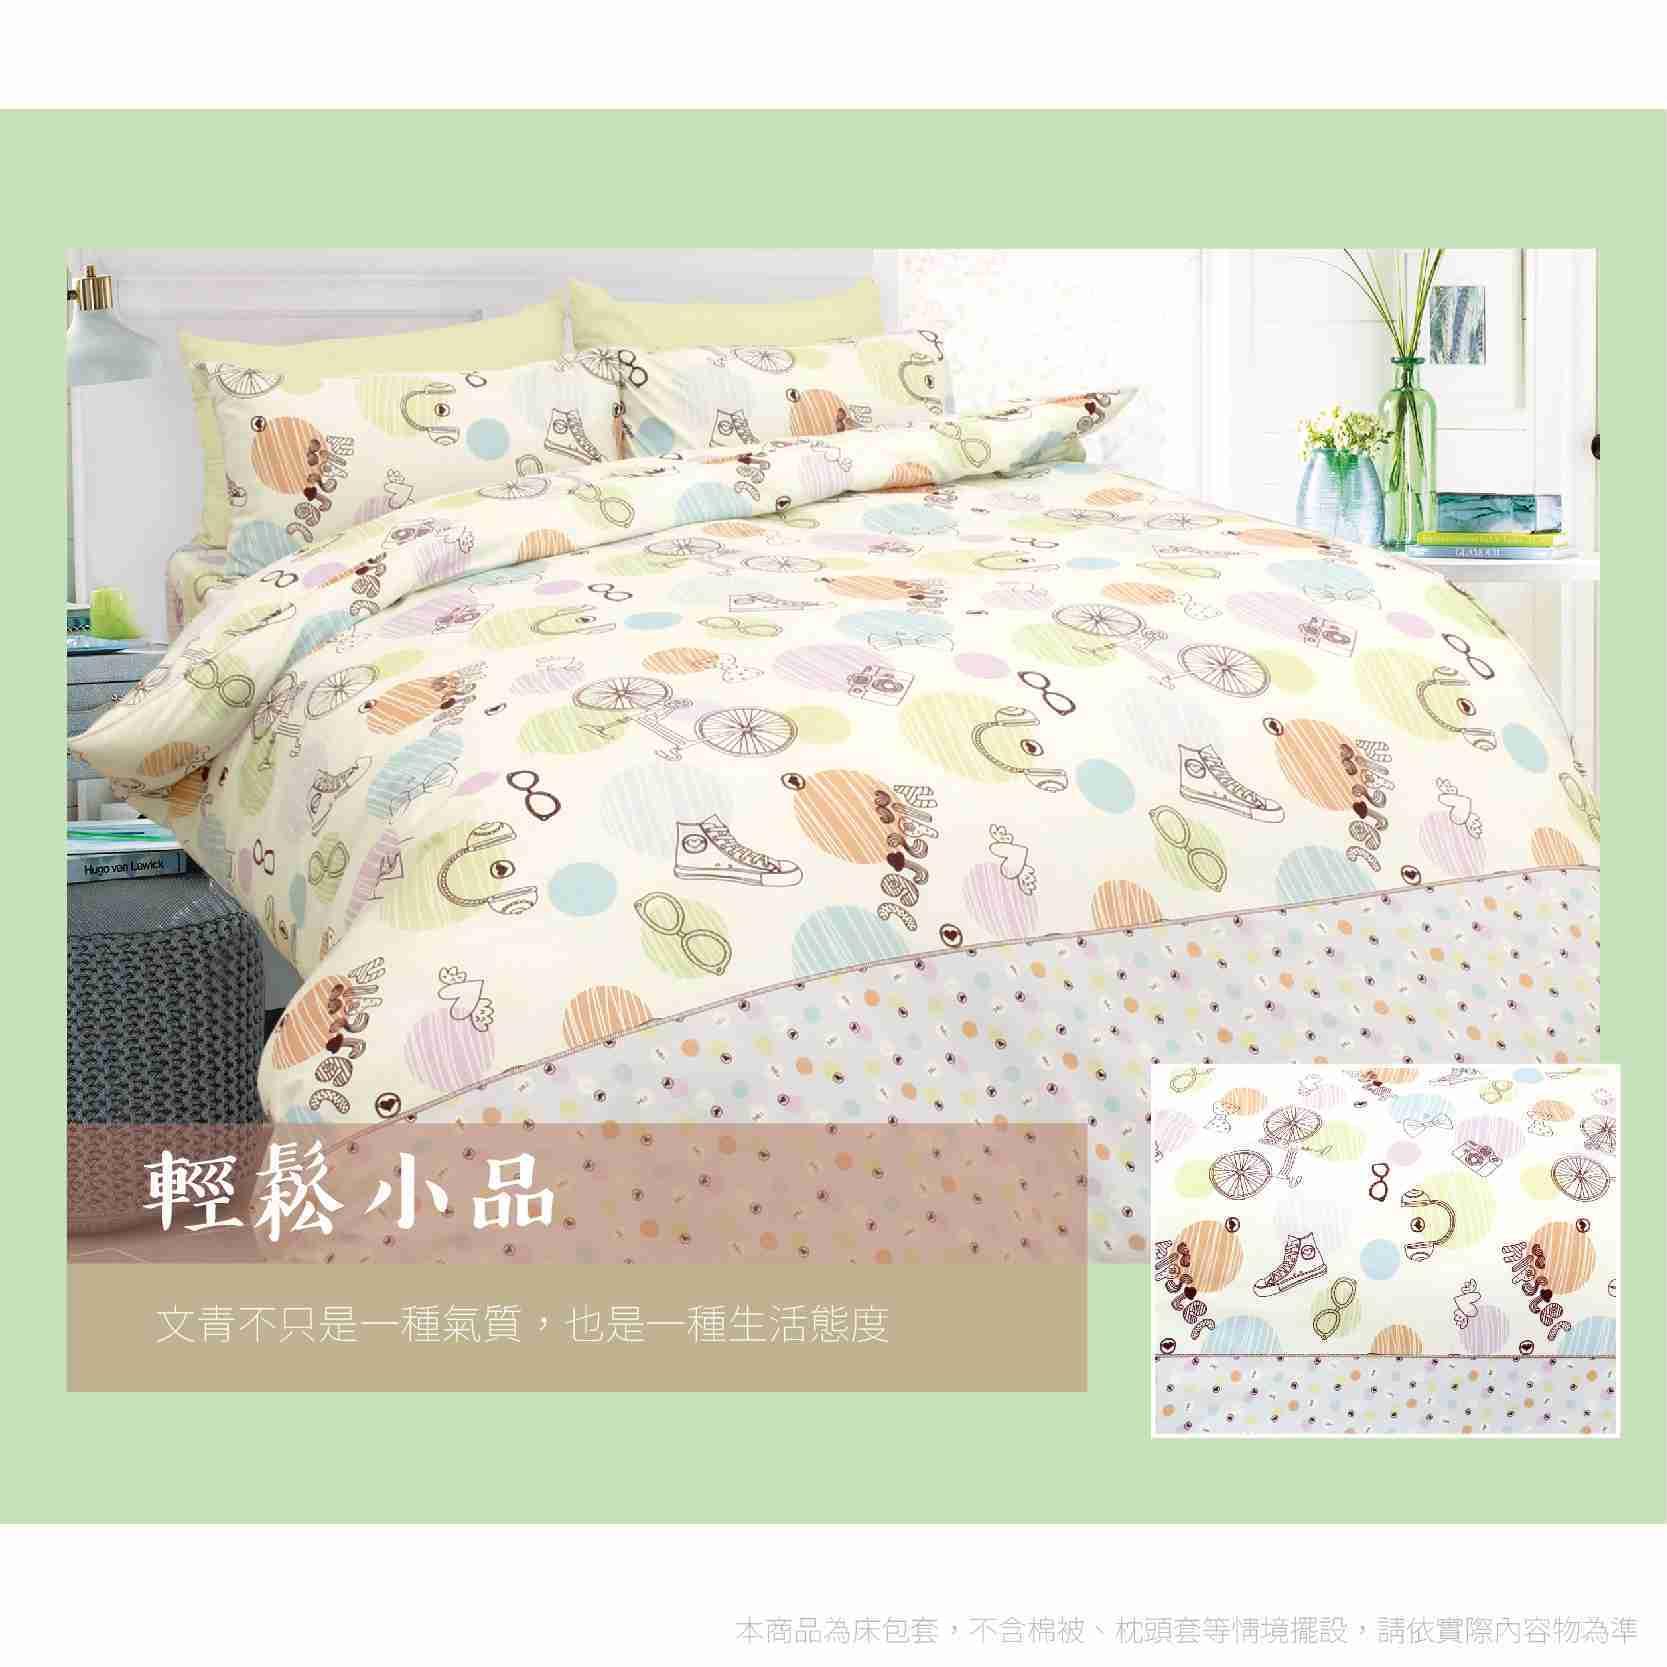 Camperson 3M技術 充氣床床包-輕鬆小品XL號 台灣製 吸濕排汗床包【露戰隊】